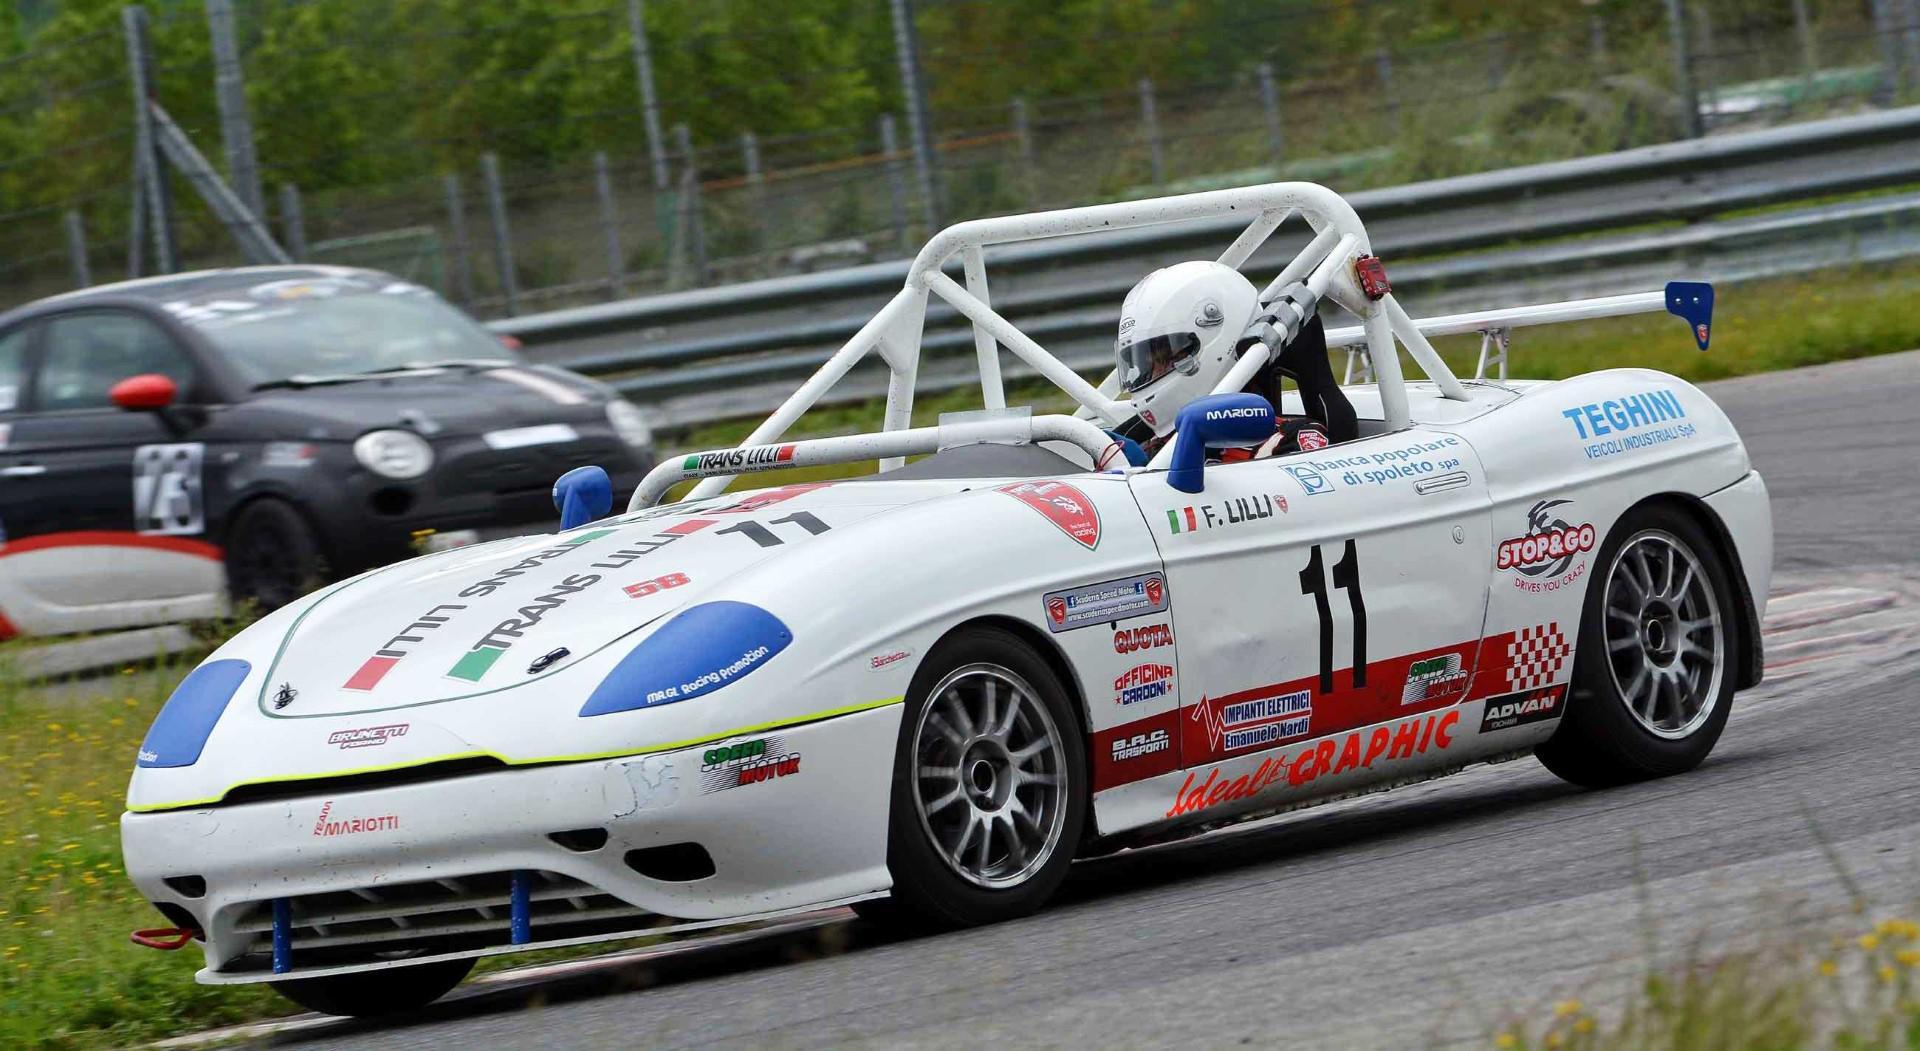 voitures-de-sports-qui-auront-25-ans-aujourd-hui-1269-43.jpg